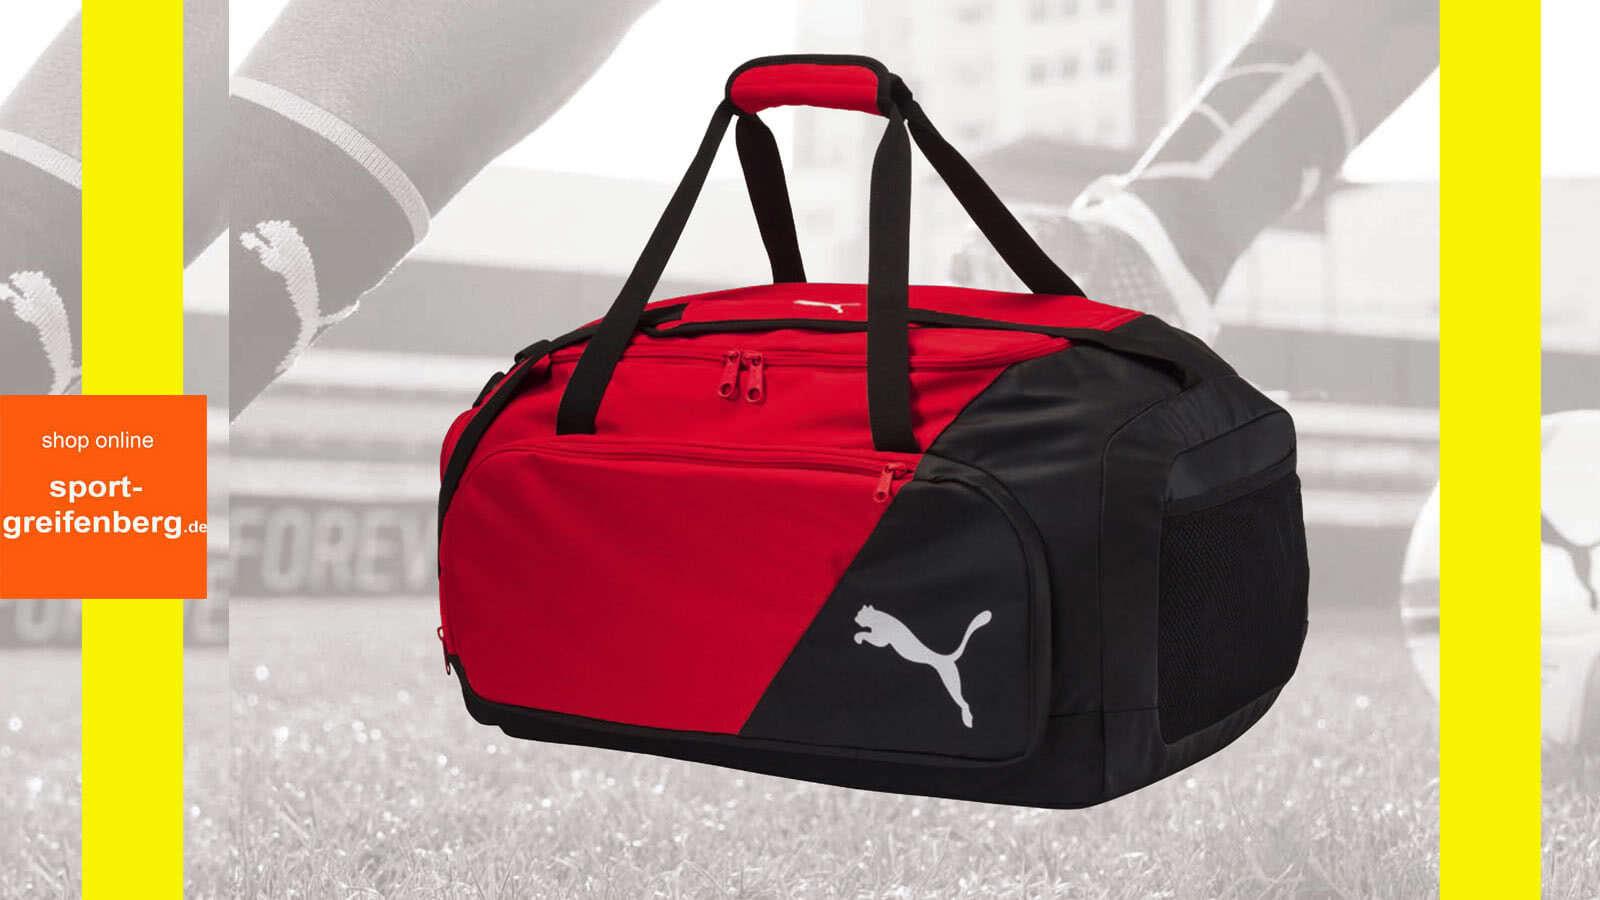 Die Puma Katalog 2018/2019 Taschen mit der Football Teambag